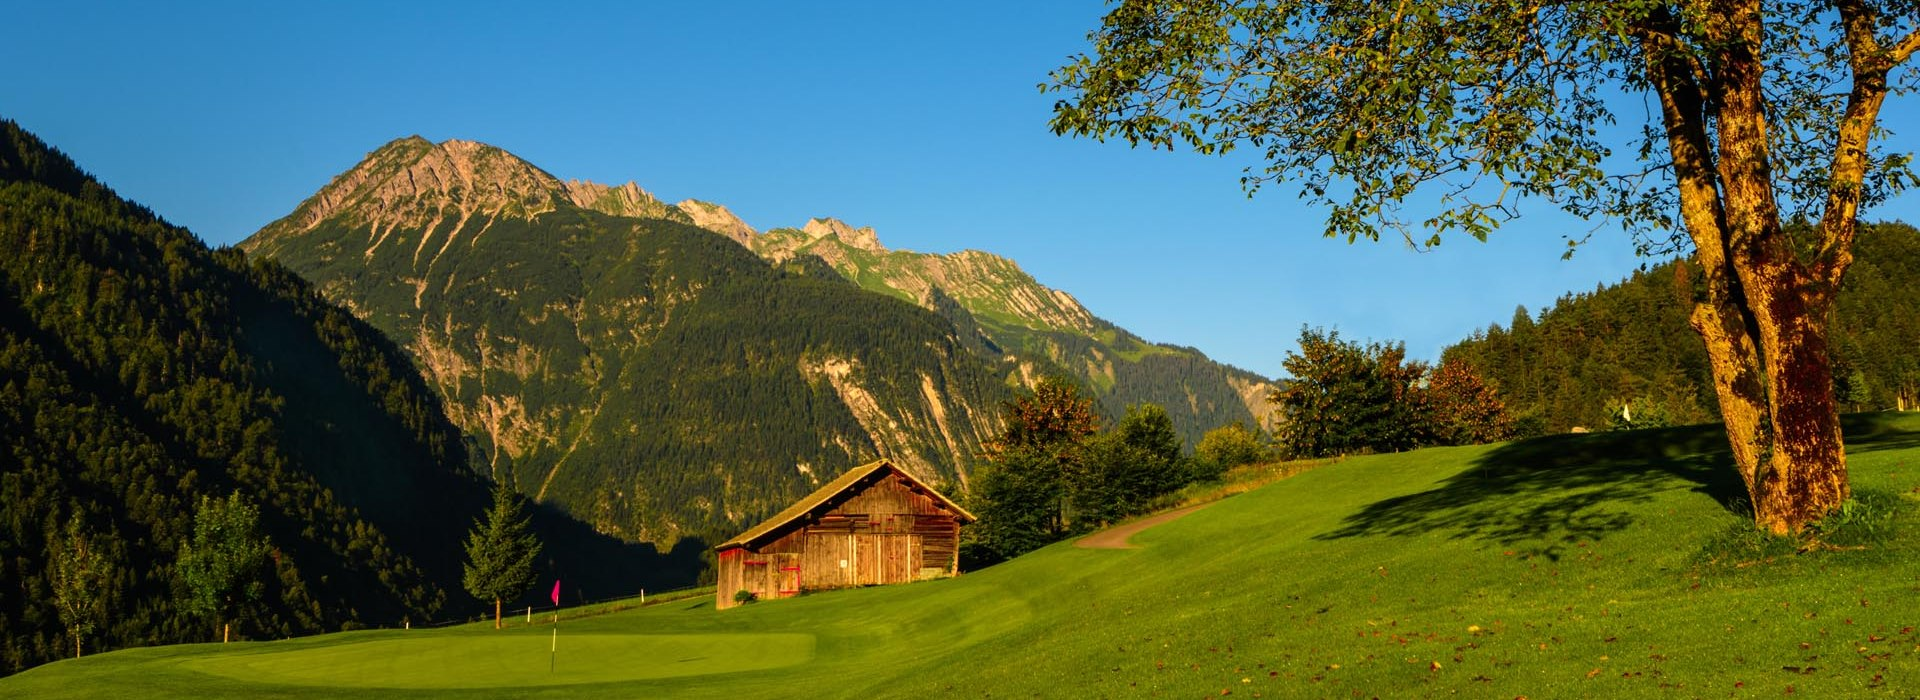 Golfclub Bludenz-Braz, Austria